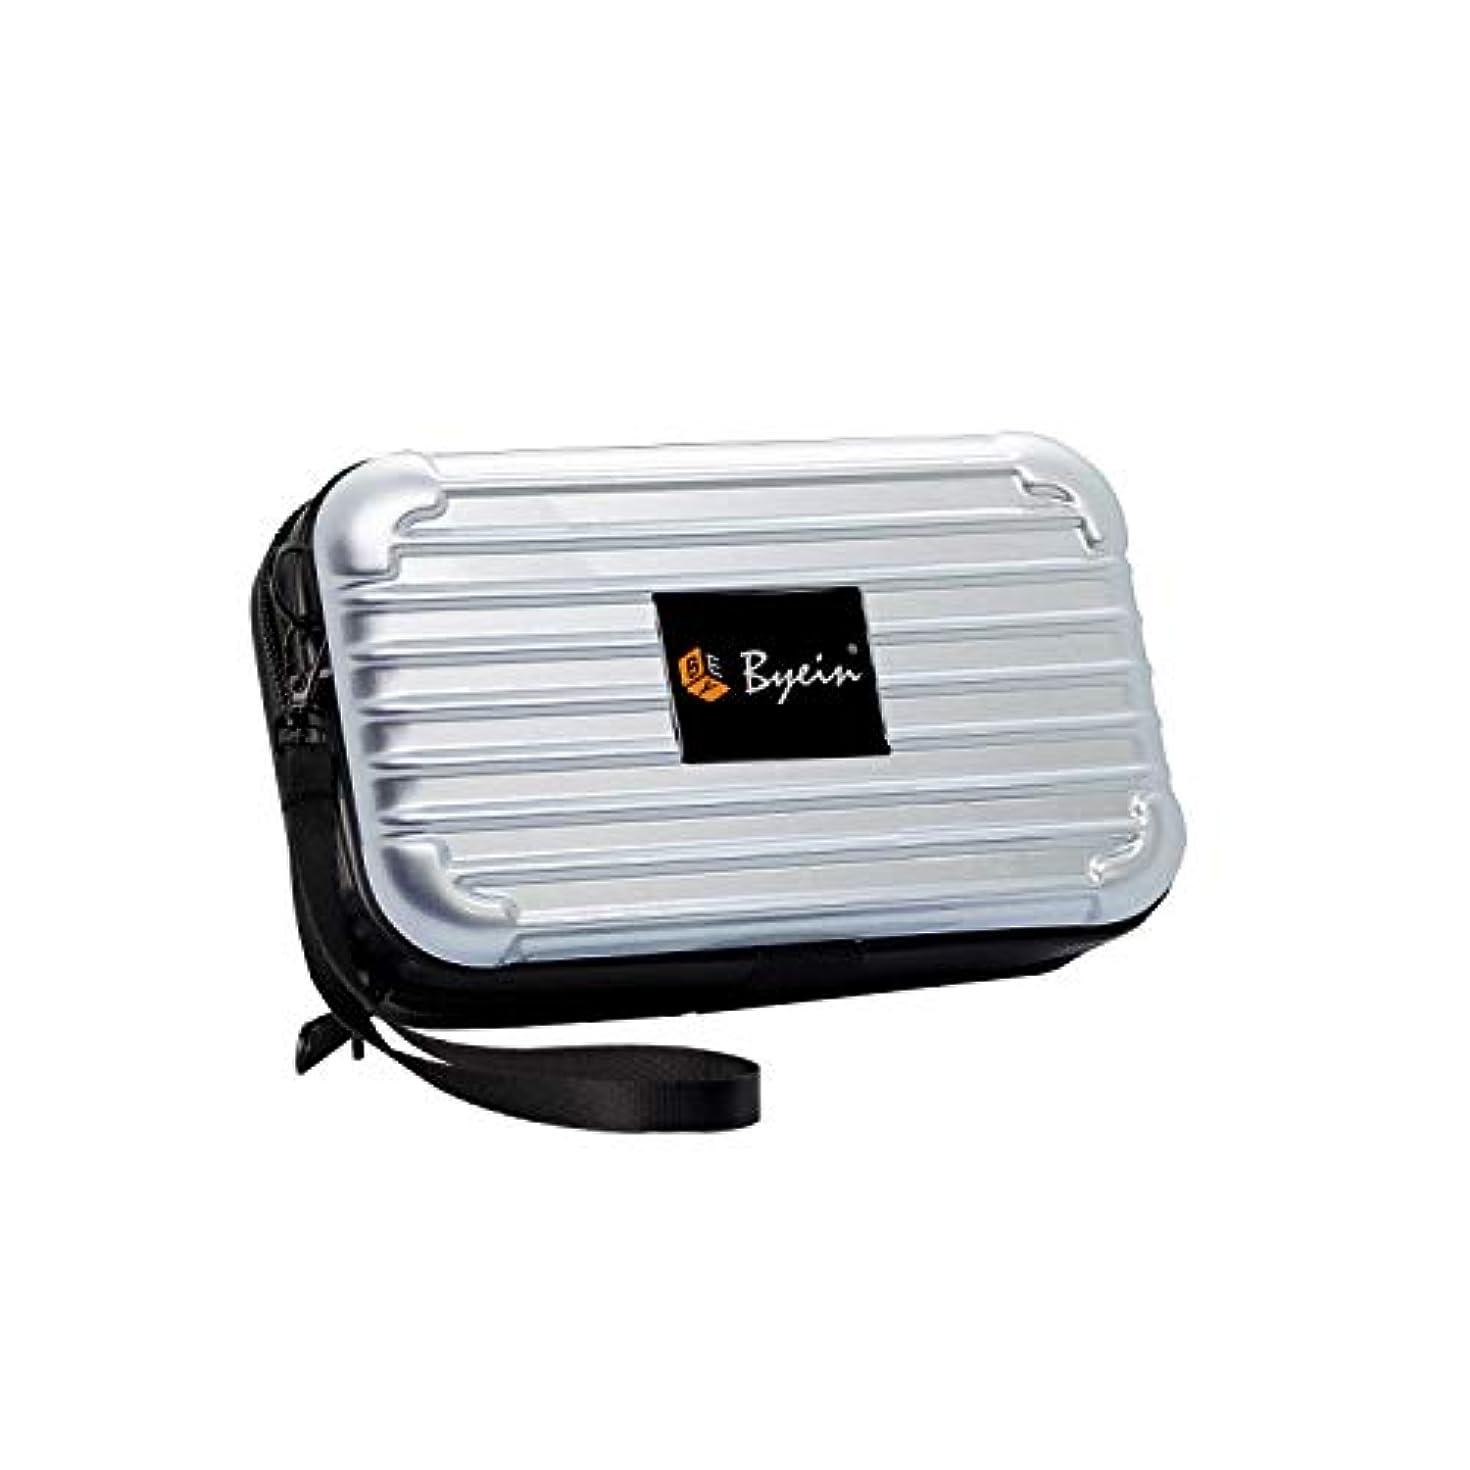 やるチェス思い出すBYEIN 化粧ポーチ 多機能ポーチ 収納バッグ 軽量 旅行 出張 お出かけ 持ち運び便利 スーツケース型